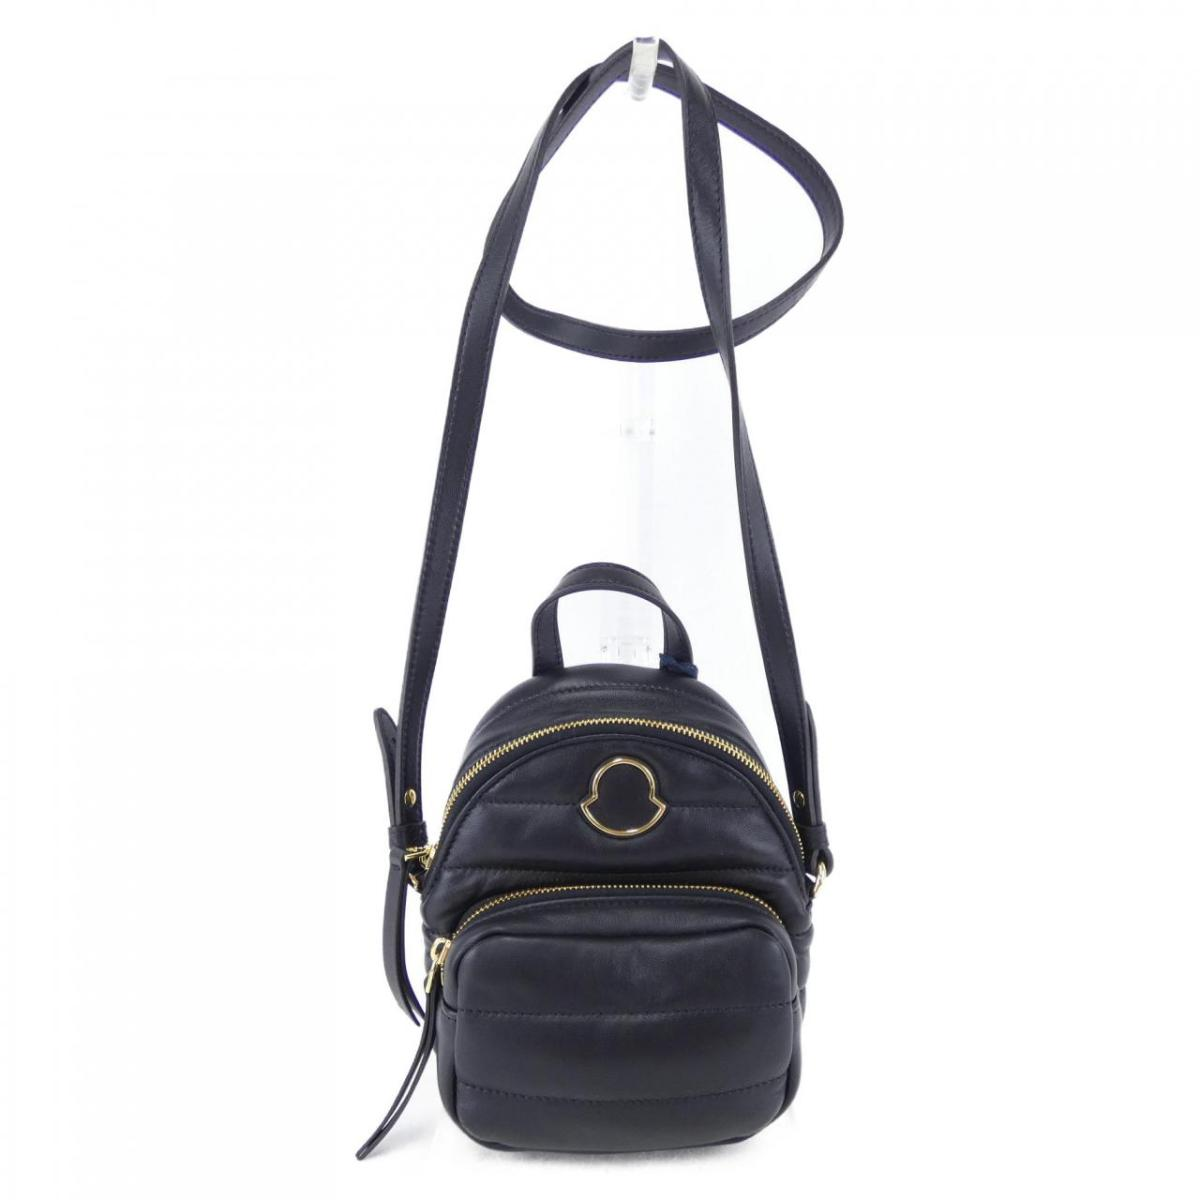 【新品】モンクレール MONCLER SHOULDER BAG 30167-00 01AL7【新品】